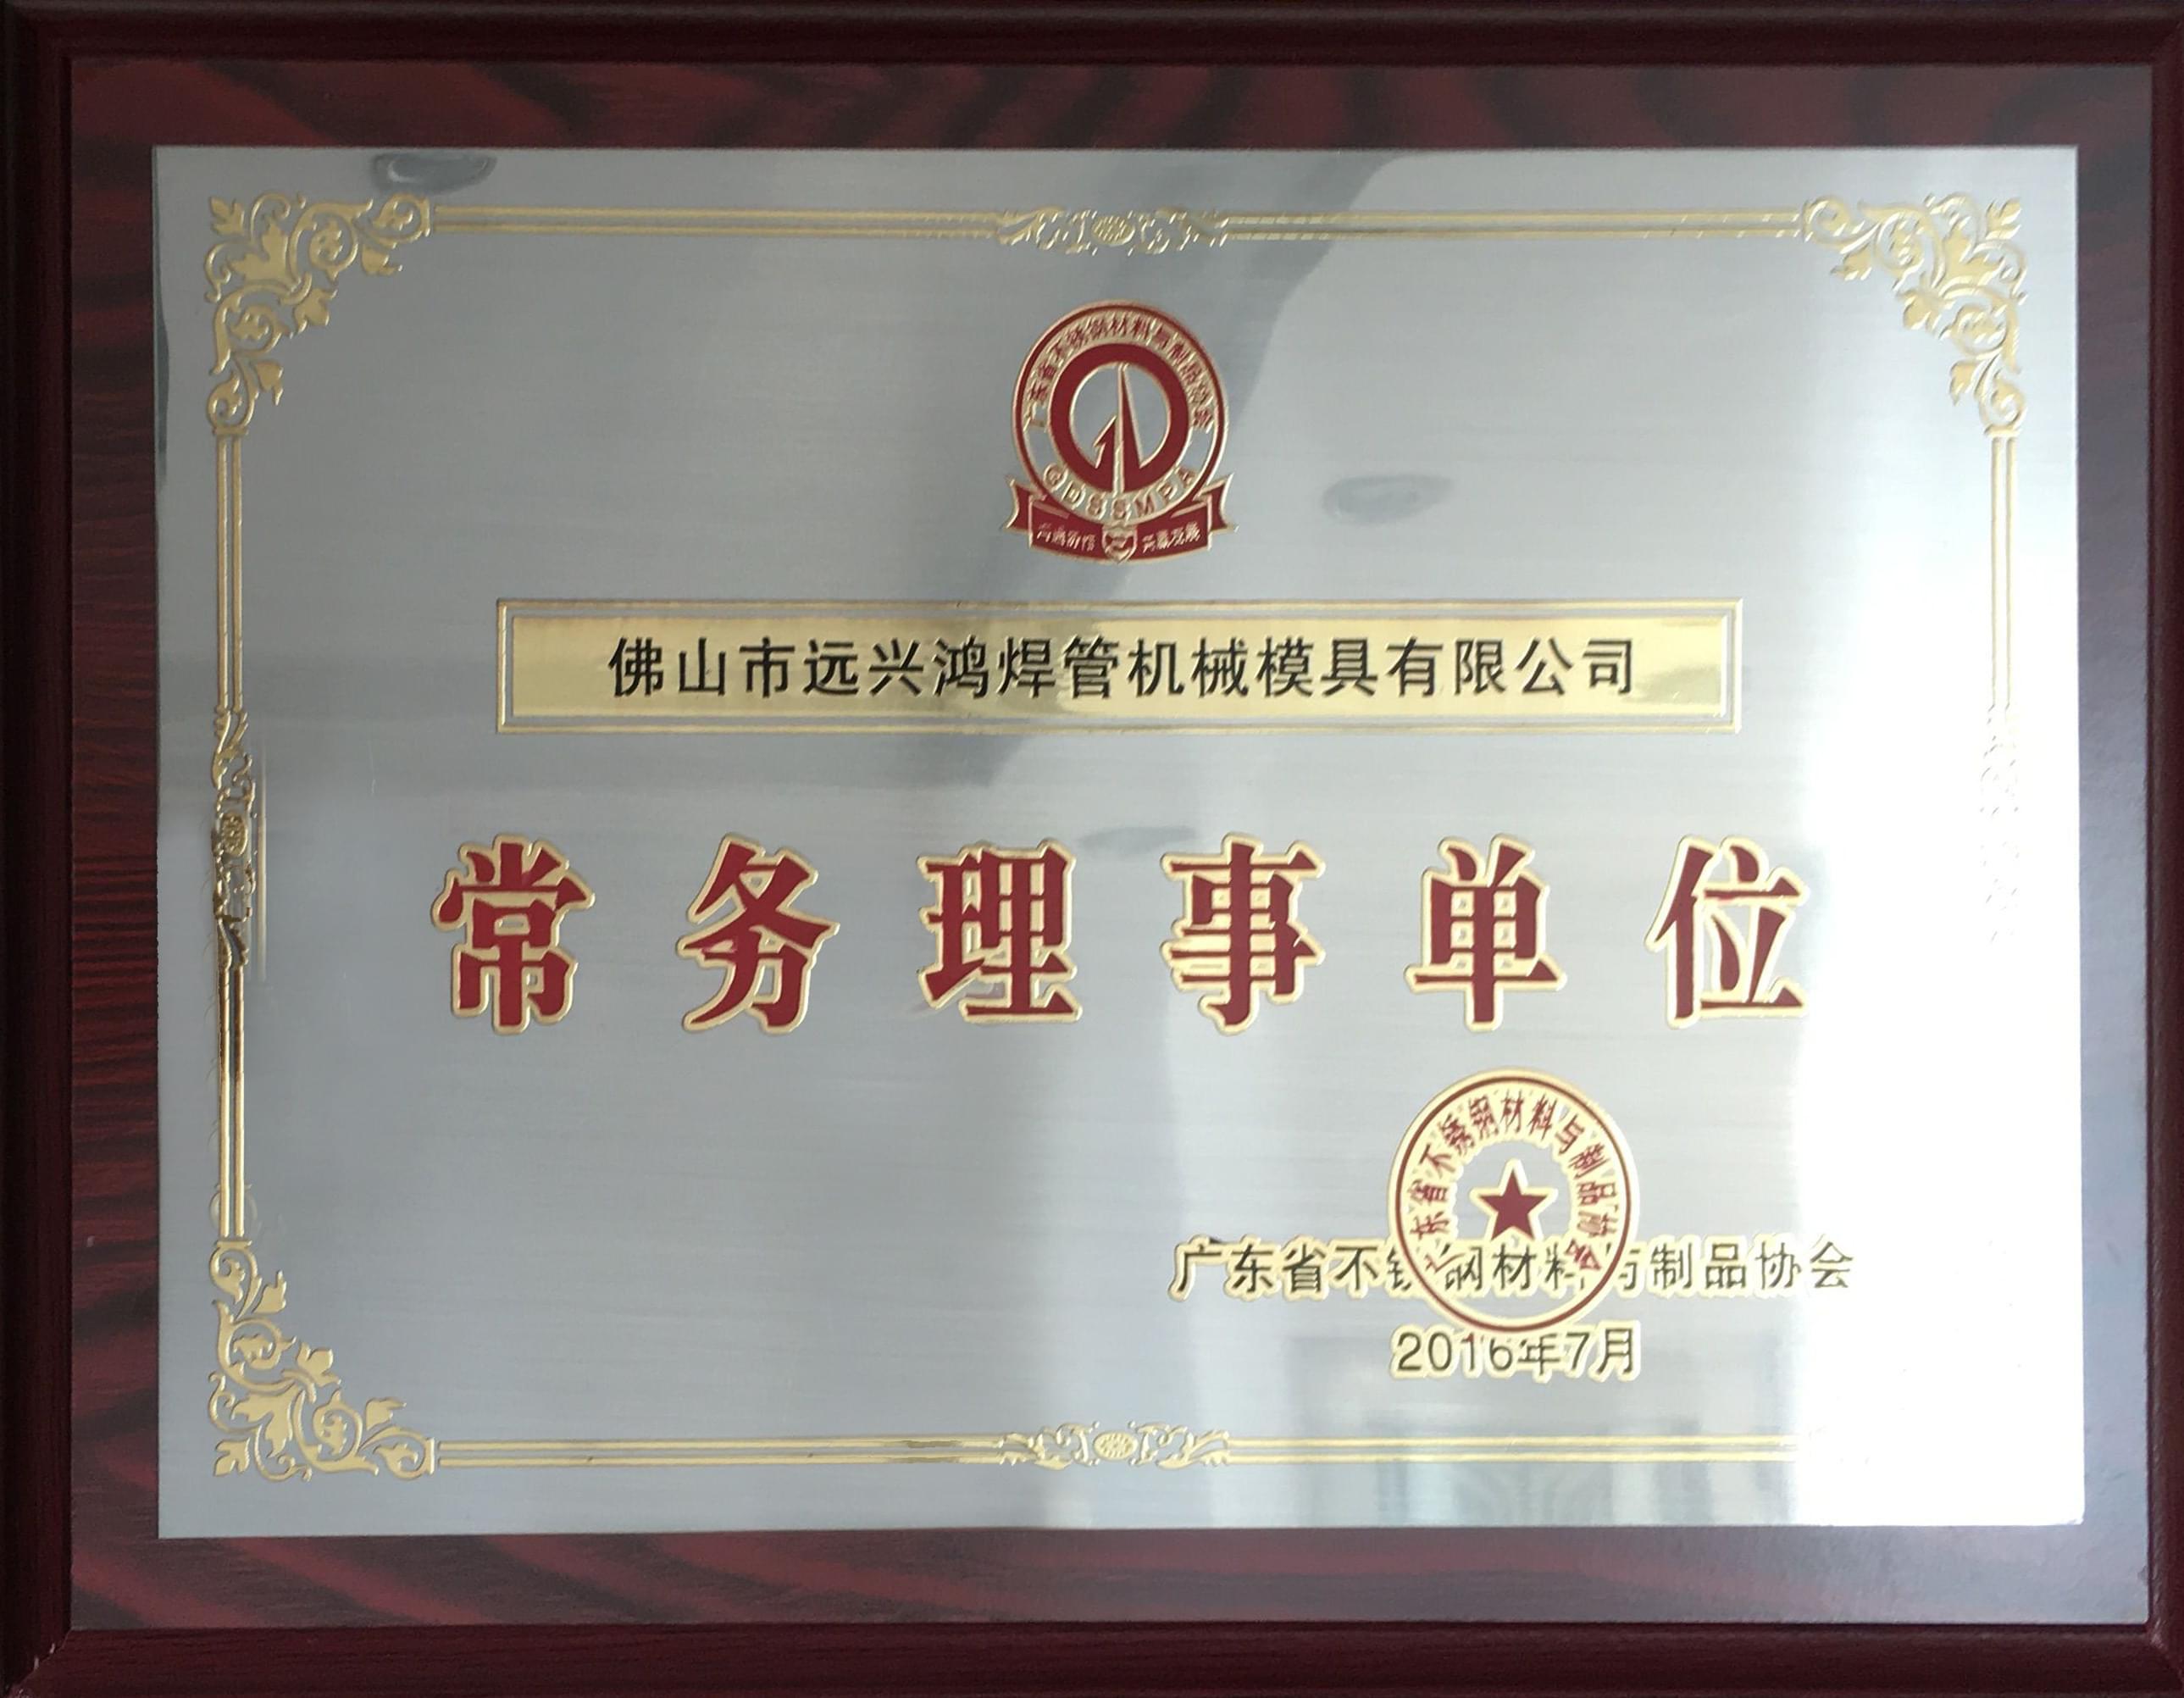 上海奉業(ye)機械設備有限公(gong)司